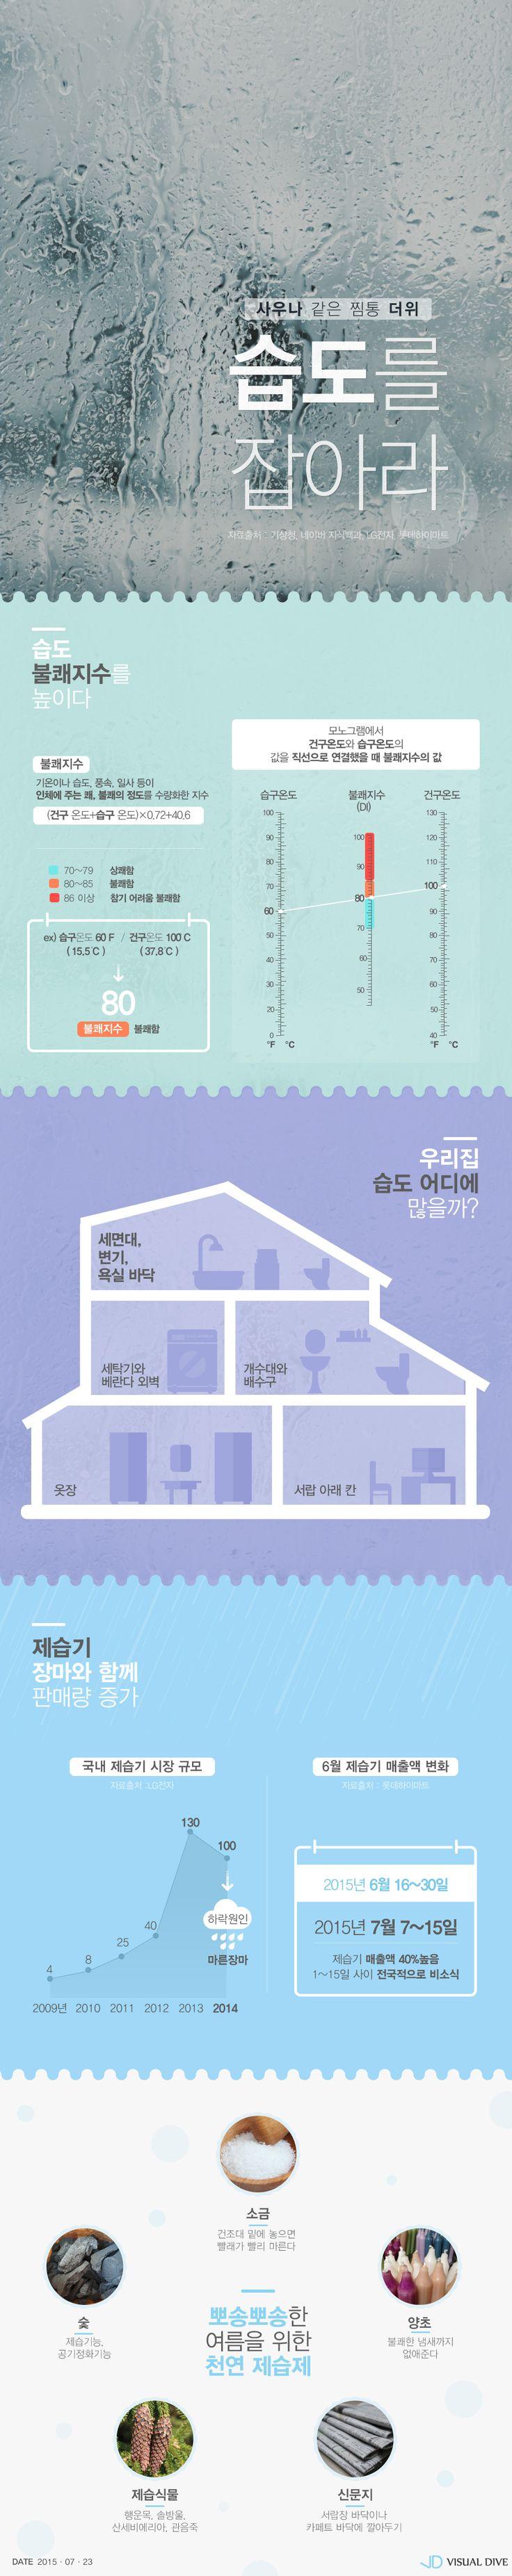 장마철 골칫거리 '습기' 효과적 해결 방법은? [인포그래픽] #humidity / #Infographic ⓒ 비주얼다이브 무단 복사·전재·재배포 금지